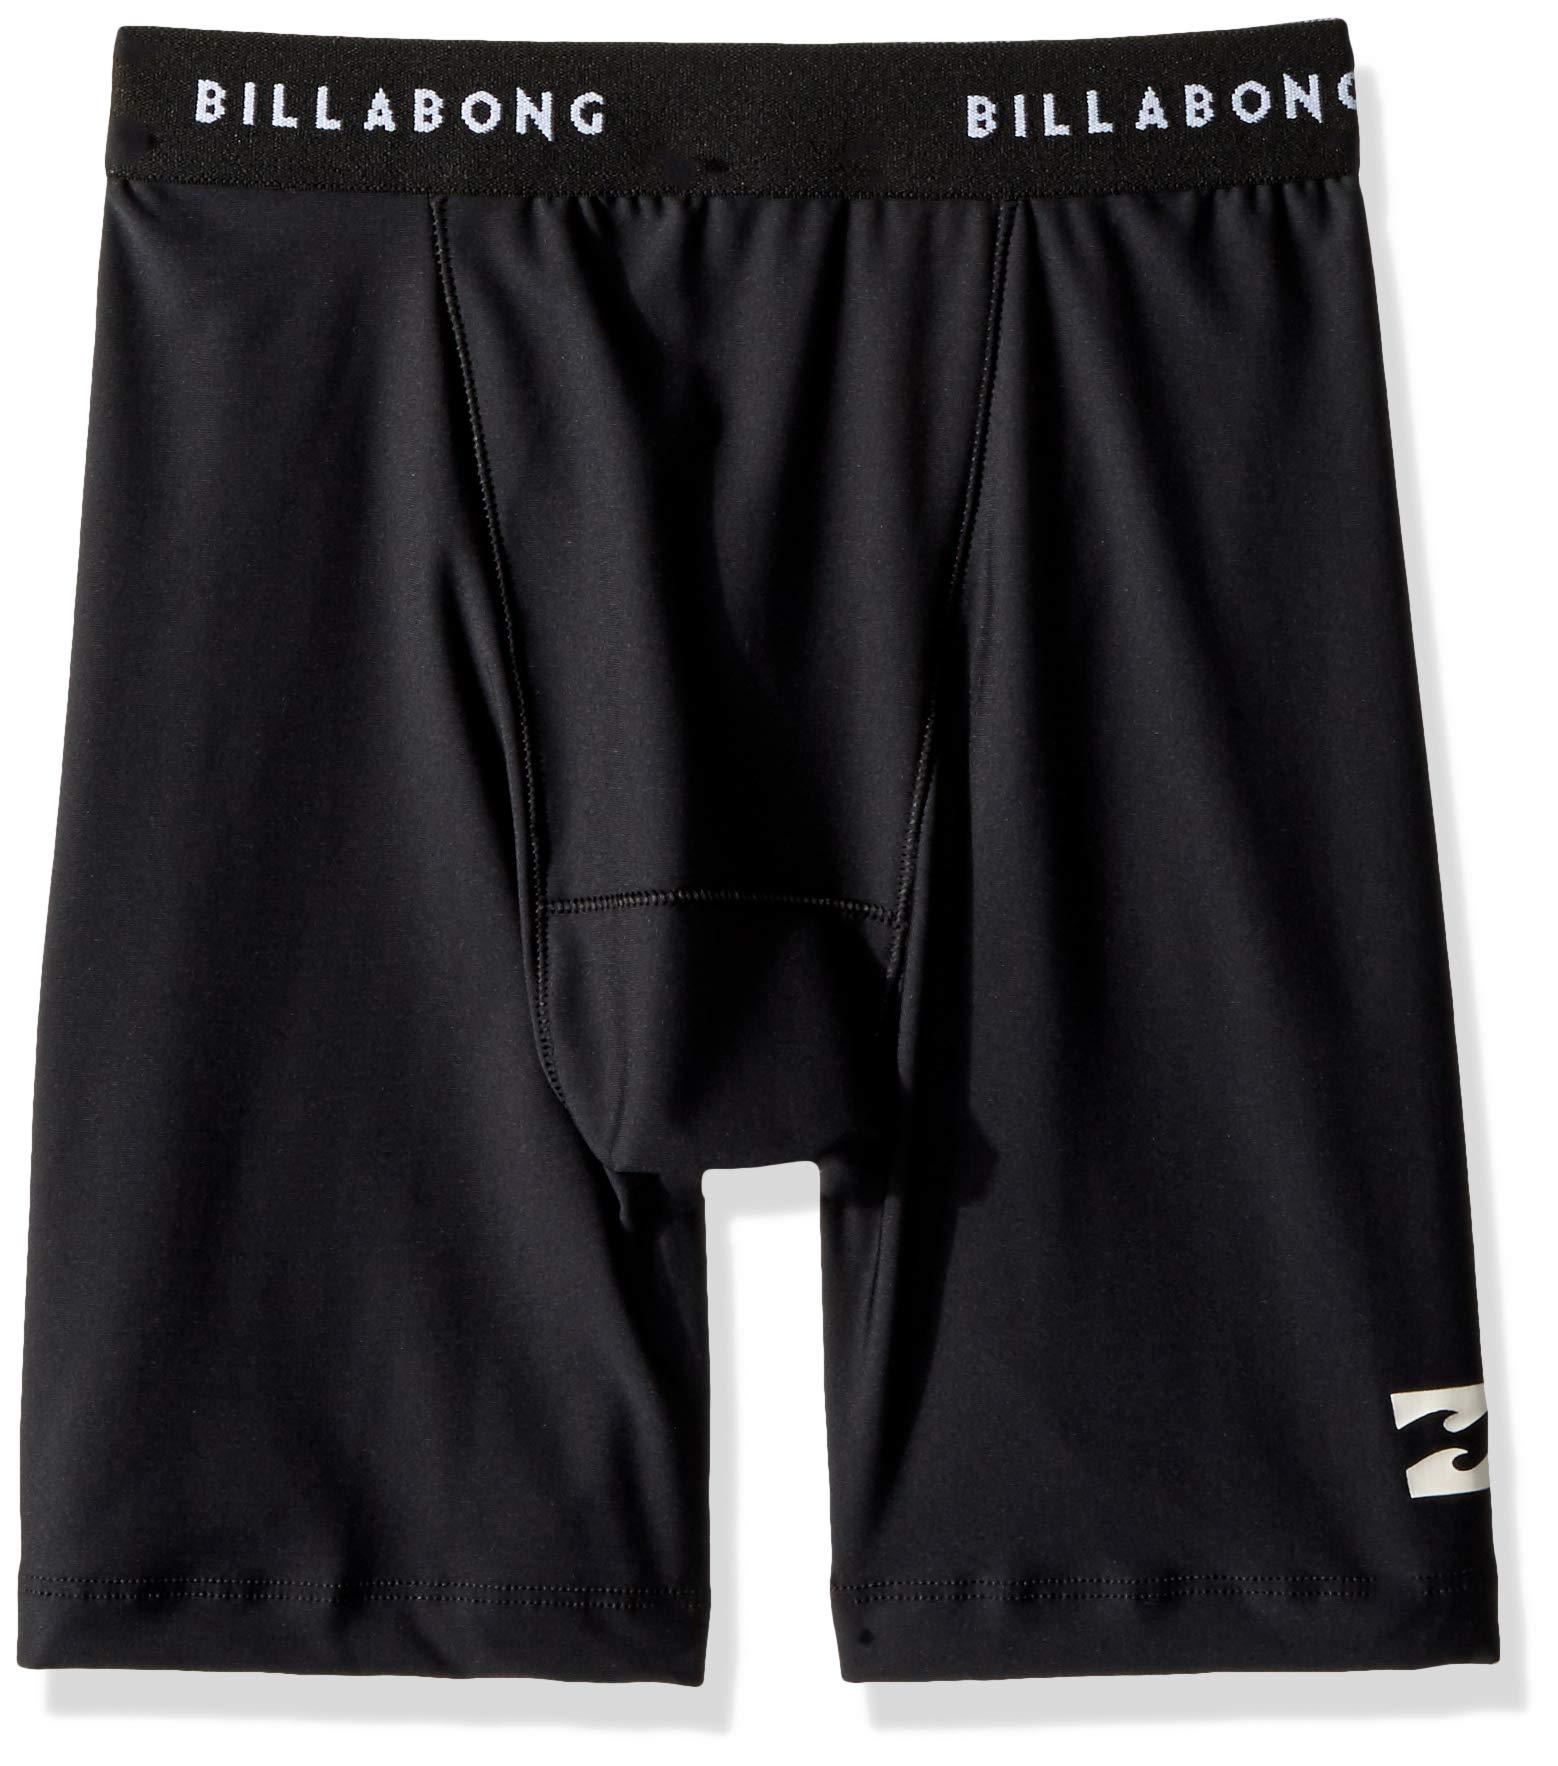 Billabong Boys' All Day Undershort Black 12